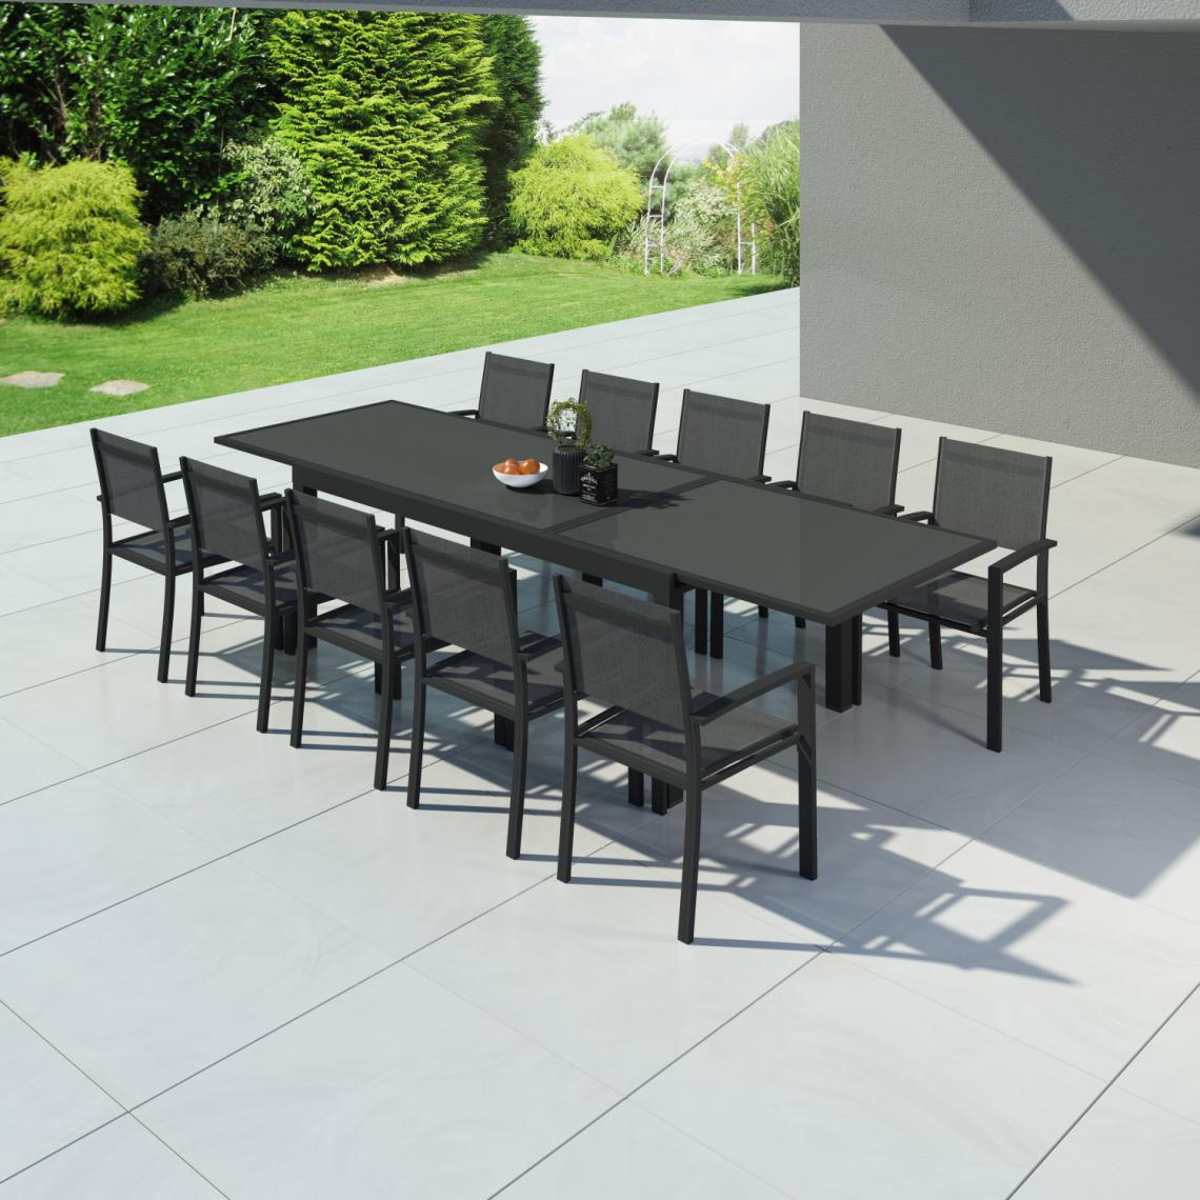 Avril Paris Table de jardin extensible aluminium 200/320cm + 10 fauteuils textilène Noir - HARA XXL